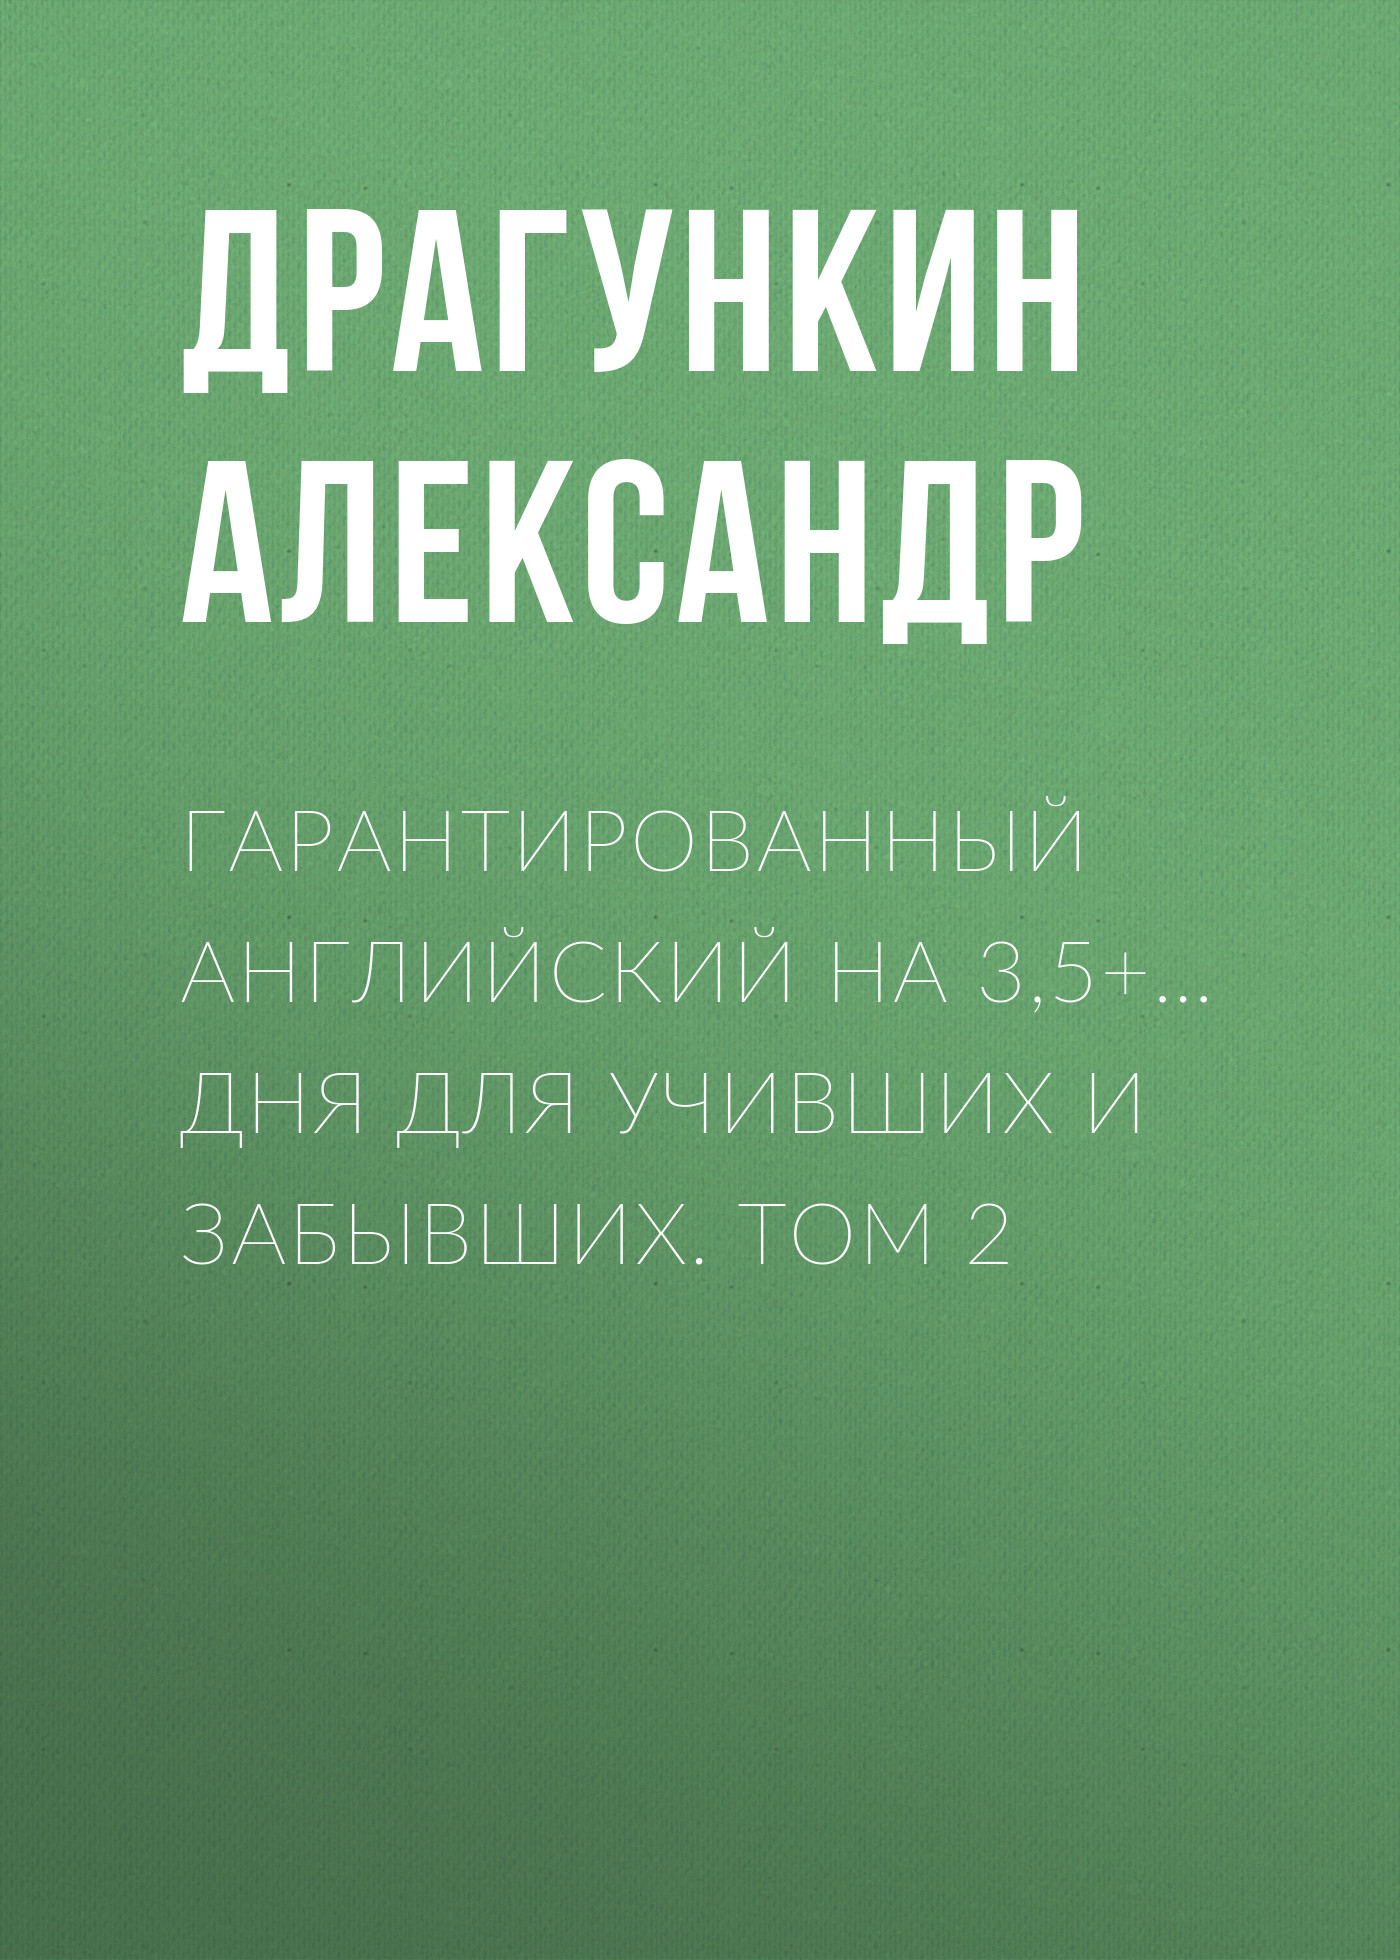 Александр Драгункин Гарантированный английский на 3,5+… дня для учивших и забывших. Том 2 английский за 42 дня